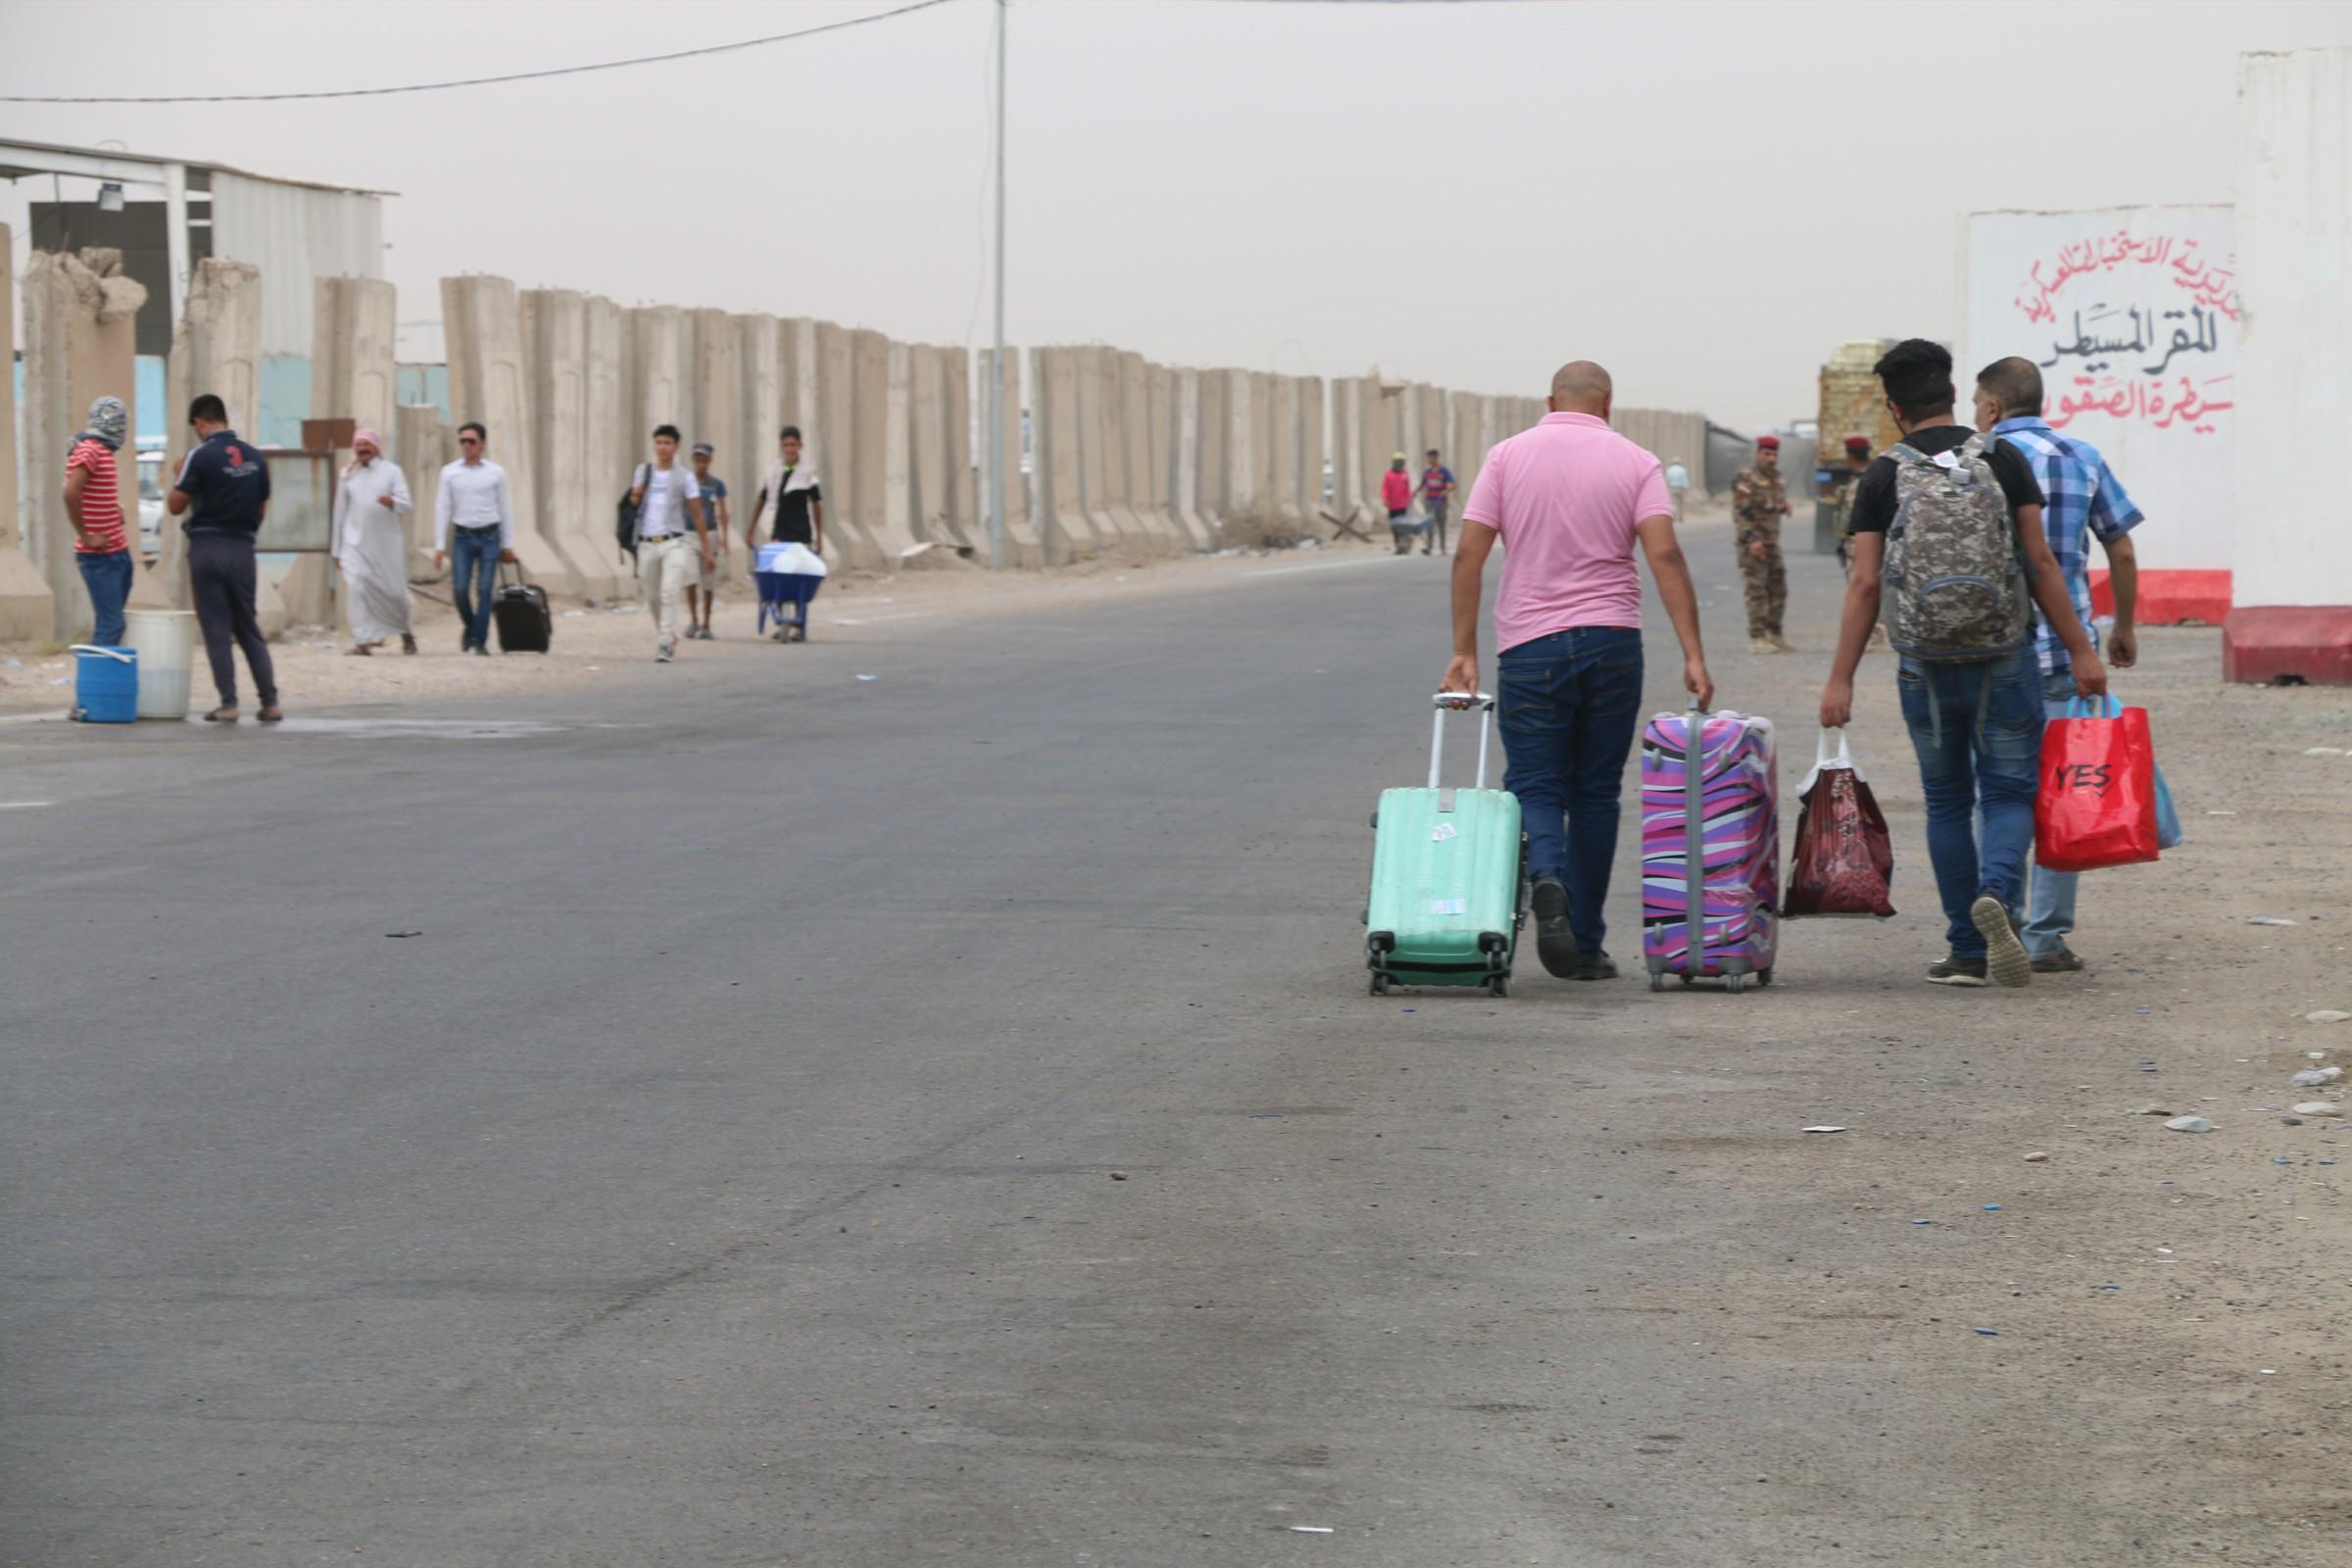 مسؤول محلي يناشد العبادي بالسماح لأبناء المناطق الغربية بالانبار بحرية التنقل